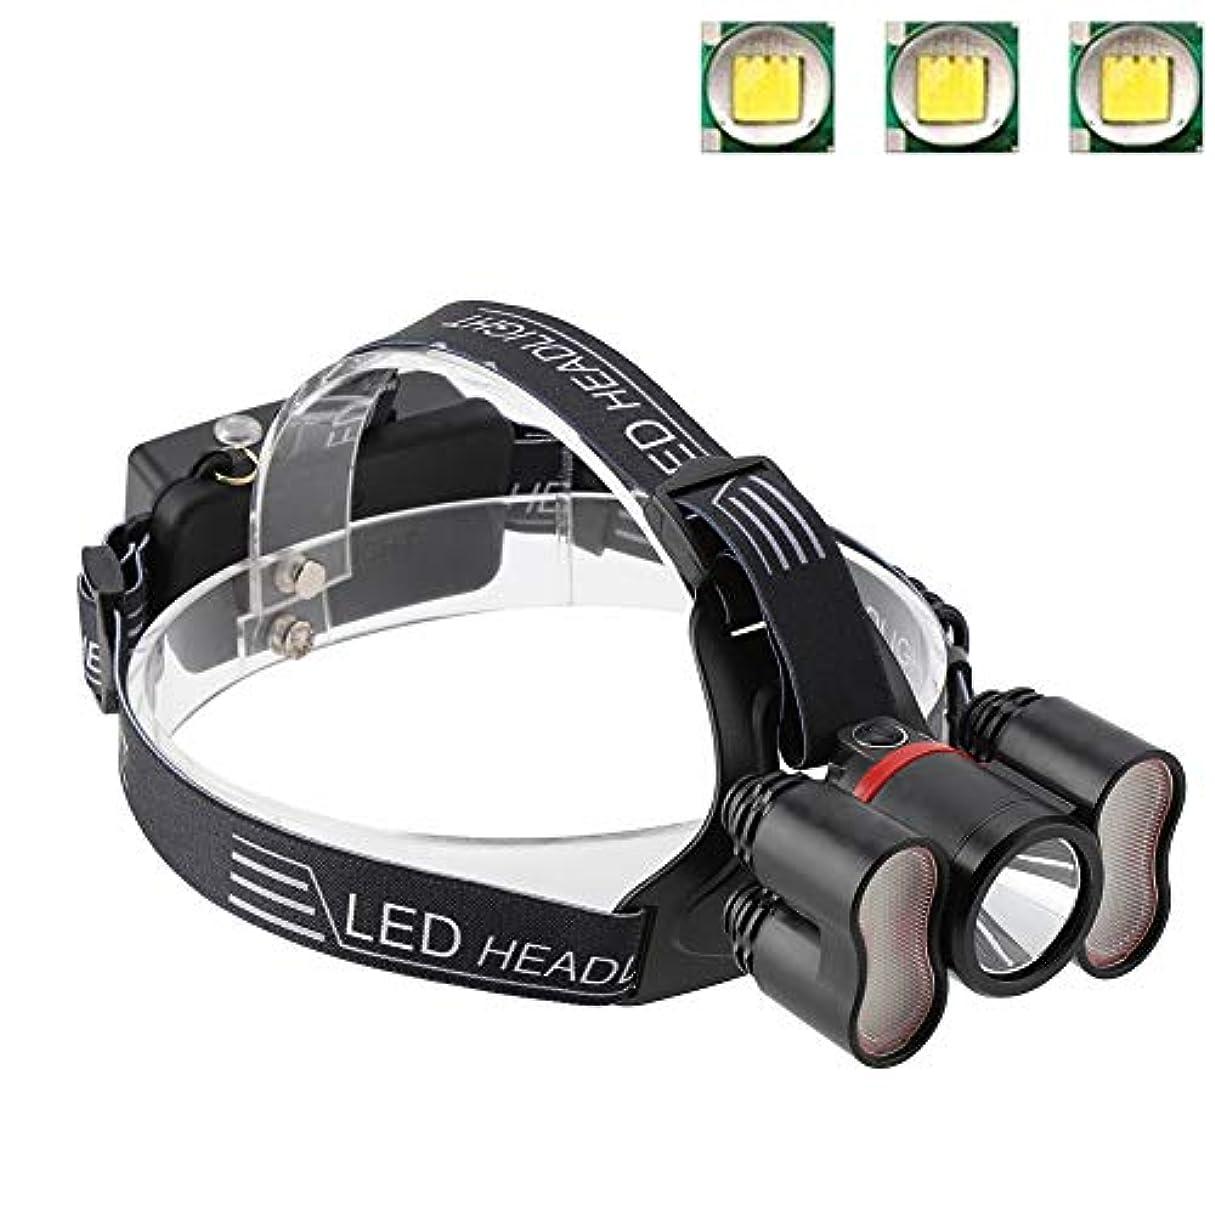 ギネス不明瞭余韻ヘッドライト懐中電灯、2000LMヘッドライト18650 LED USB充電式防水トラベルヘッドトーチキャンプランプランニングハイキング釣りに適して(#1)